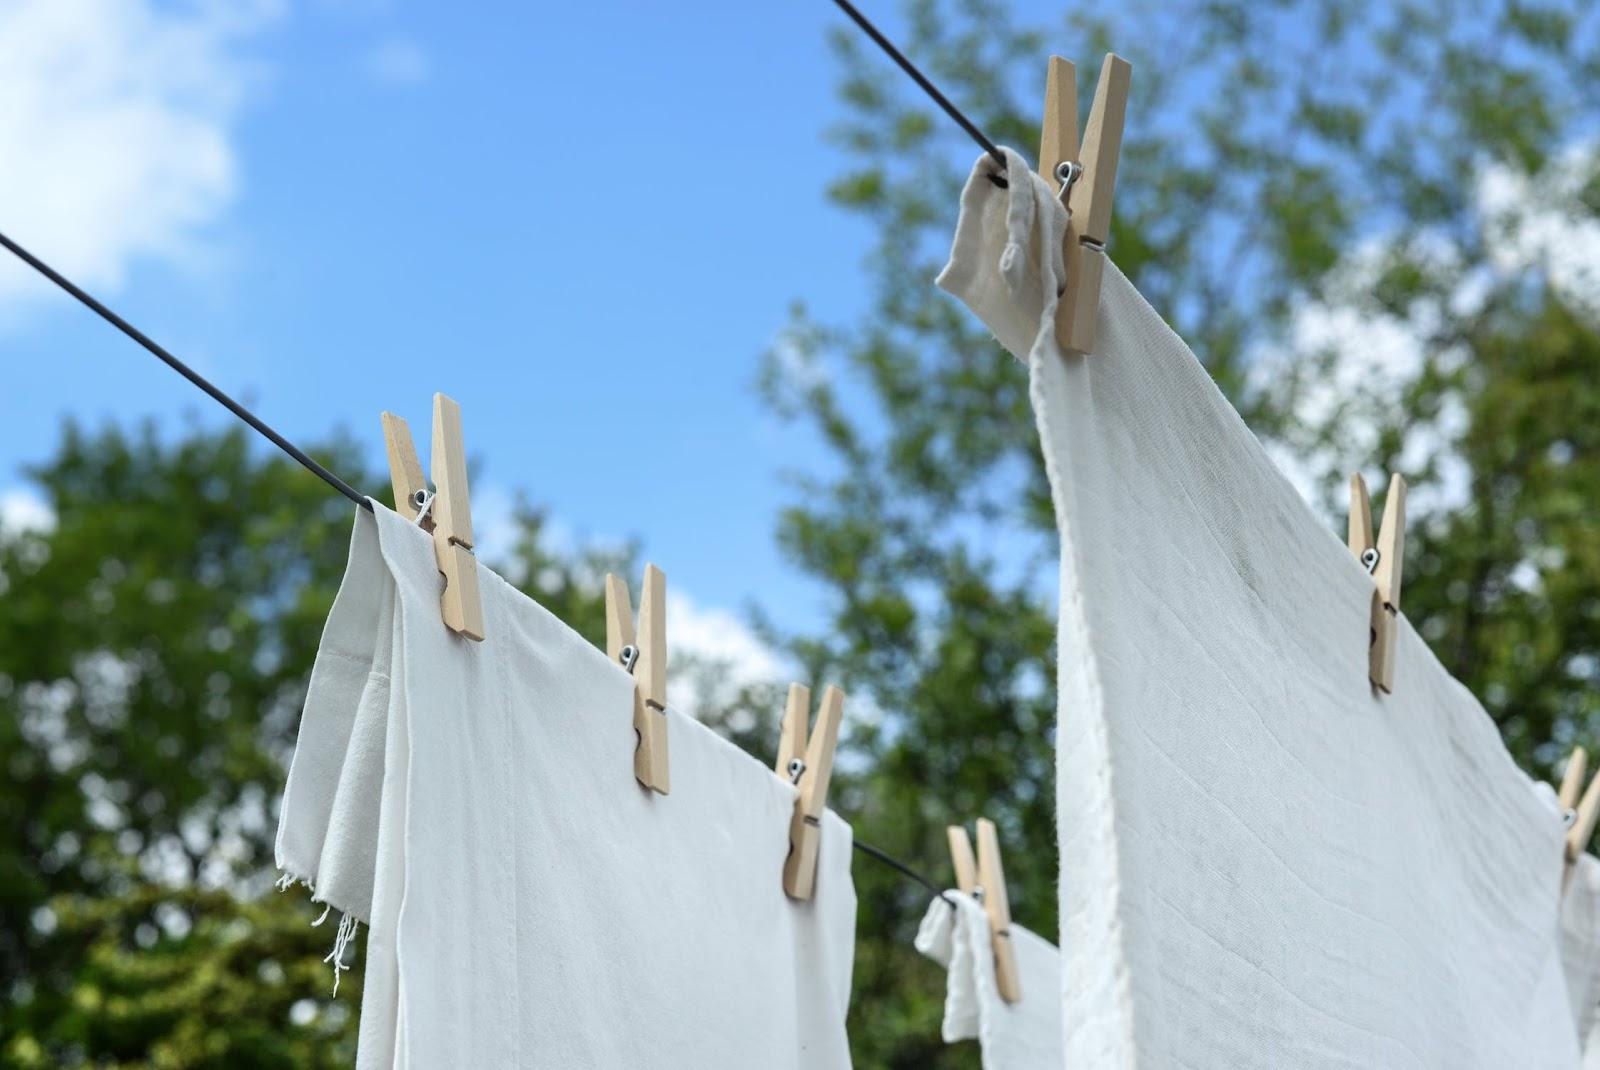 Wie lange kann man nasse Wäsche in der Waschmaschine lassen?